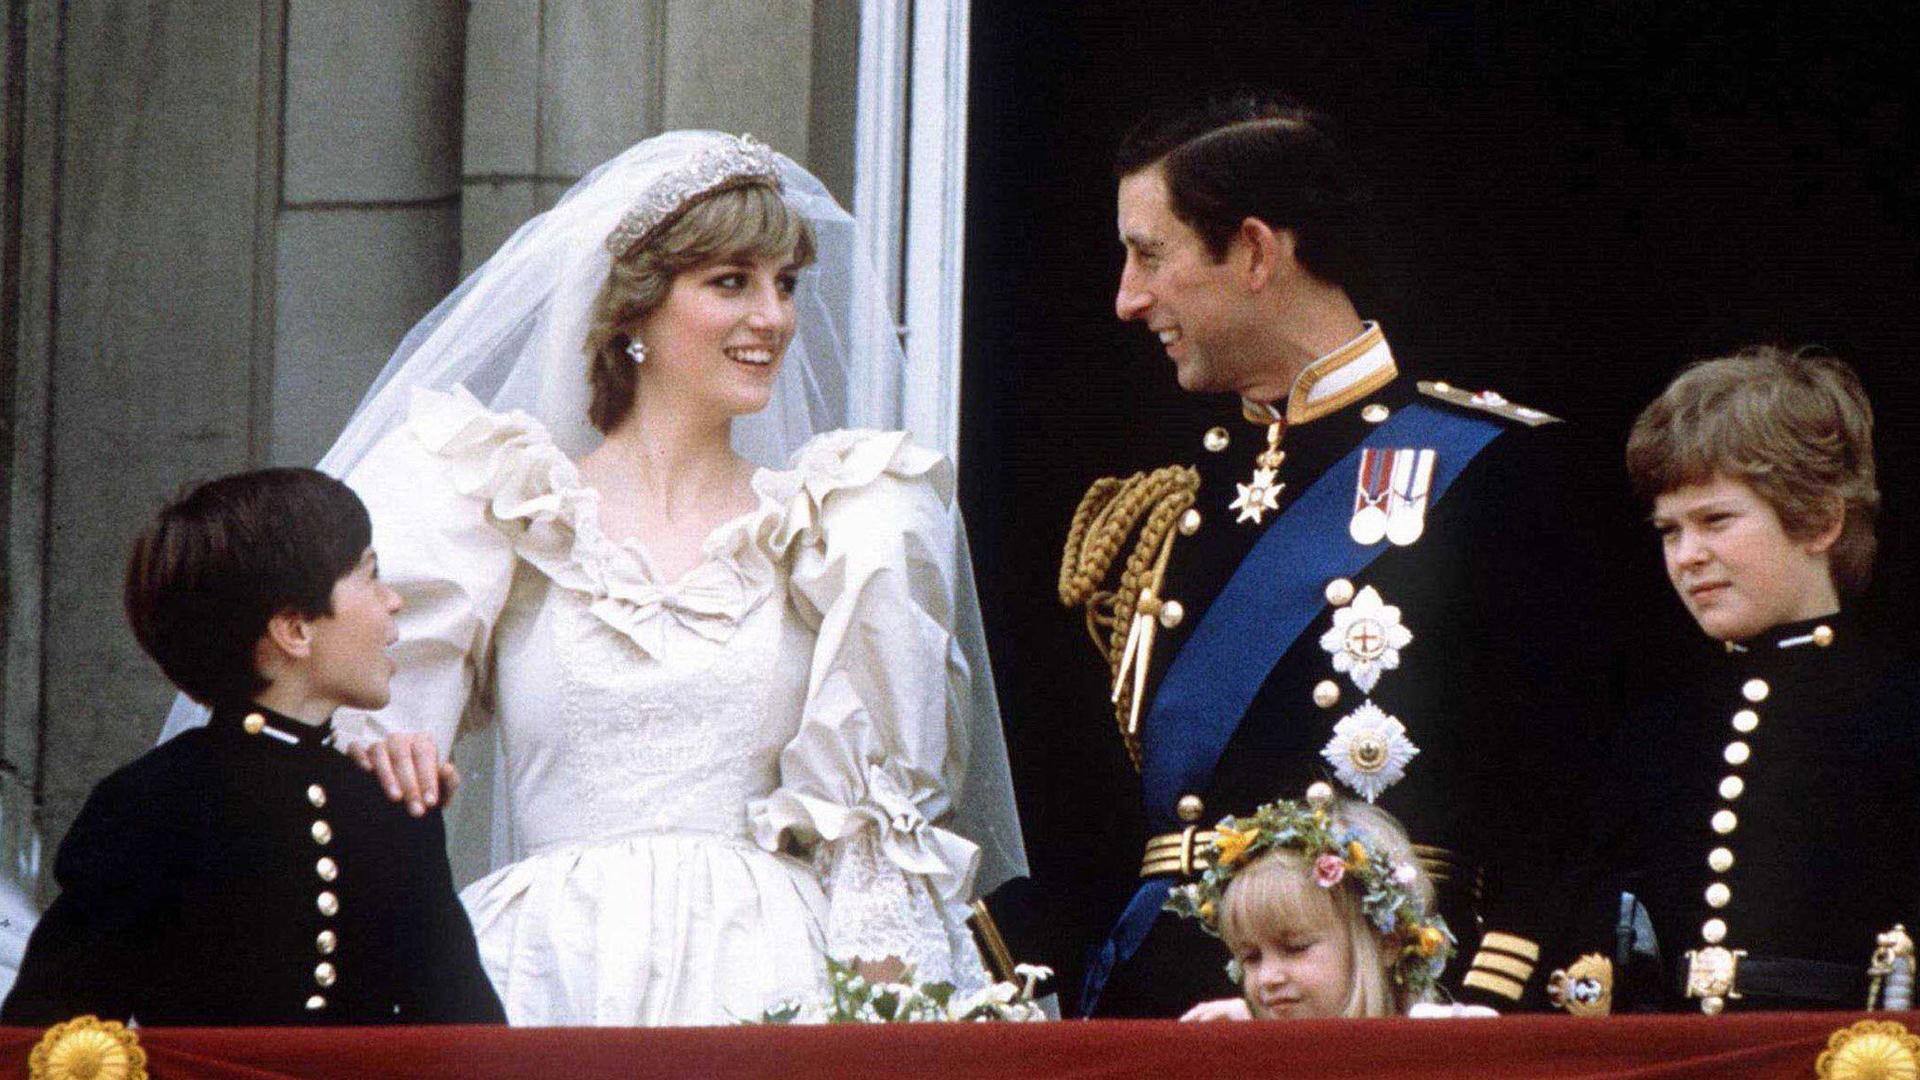 La tiara estaba compuesta de oro y brillantes en forma floral, adornada de diamantes, y sería, junto con su vestido, uno de los accesorios favoritos (Reuters/Stringer – BRITAIN)